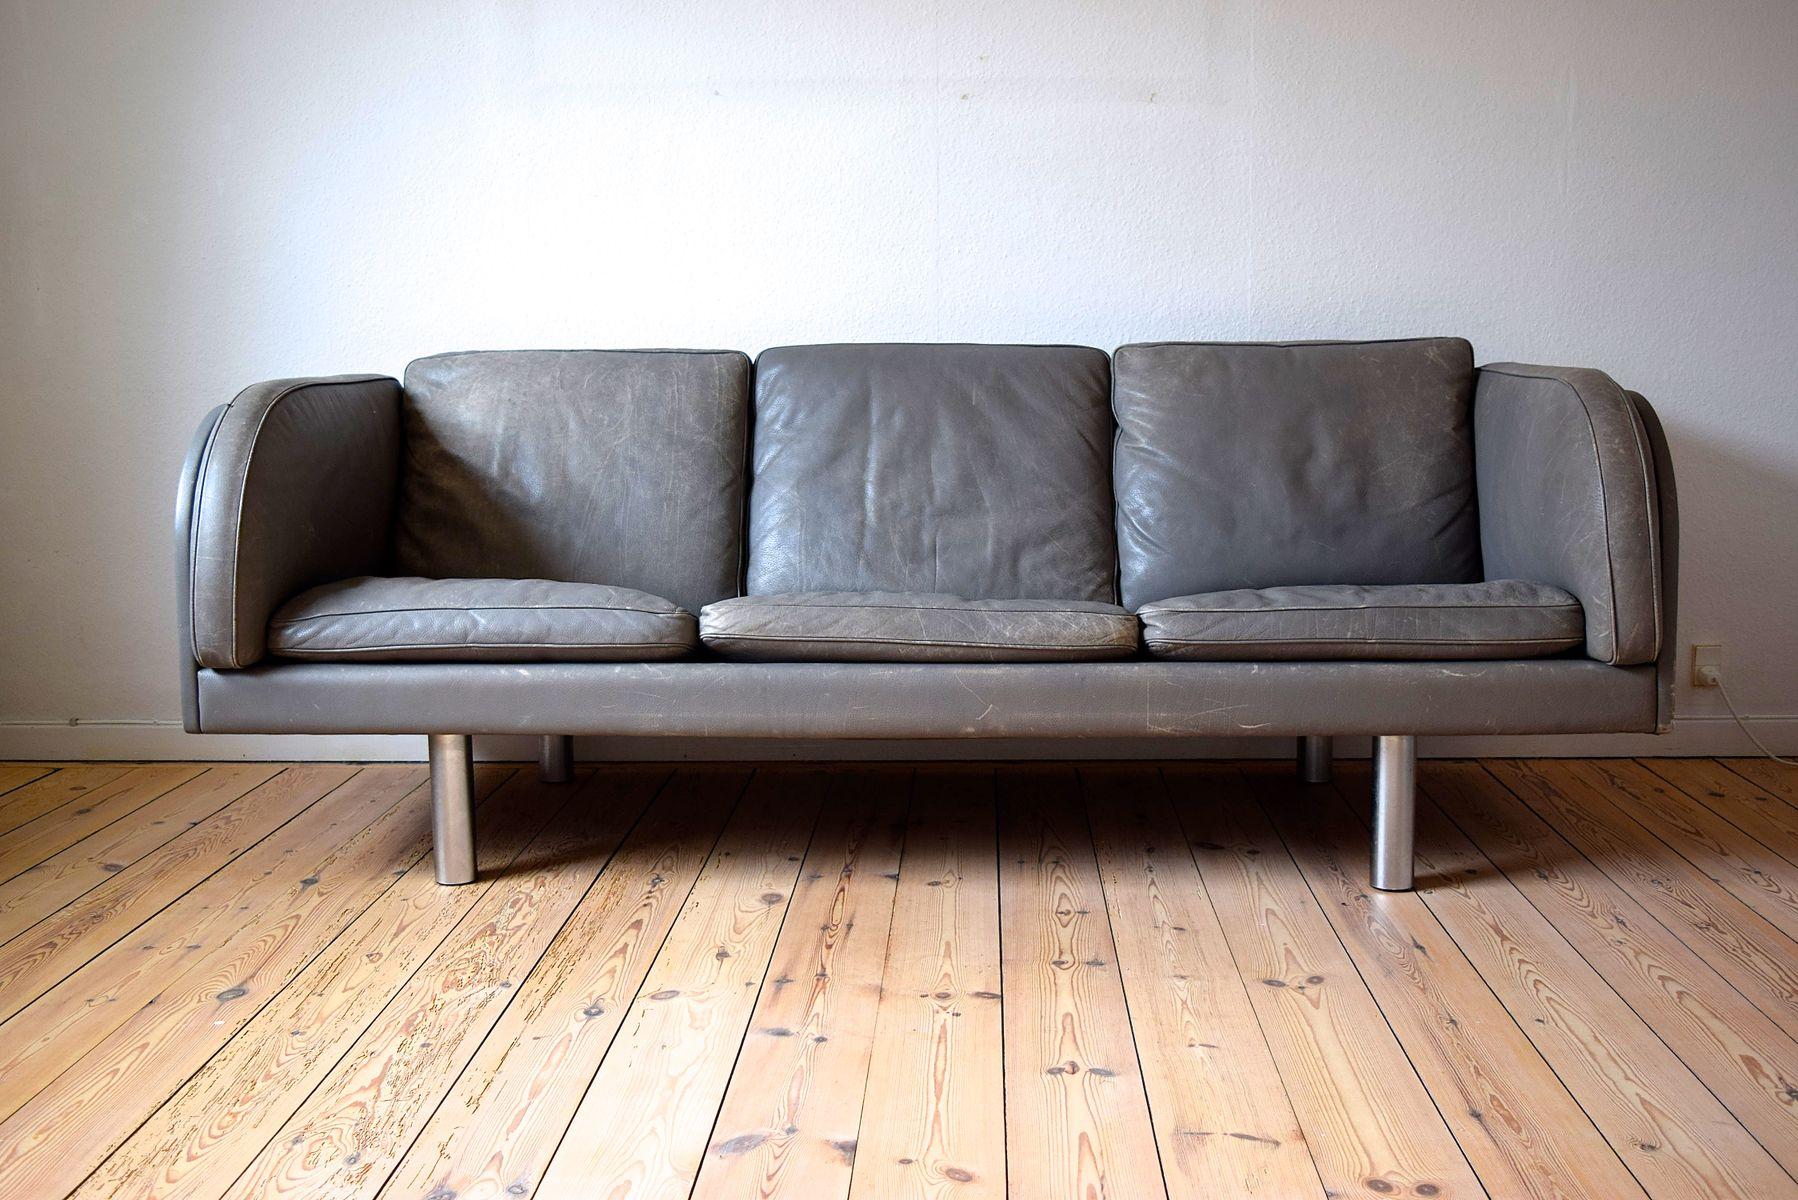 d nisches 3 sitzer sofa von j rgen gammelgaard f r erik j rgensen bei pamono kaufen. Black Bedroom Furniture Sets. Home Design Ideas